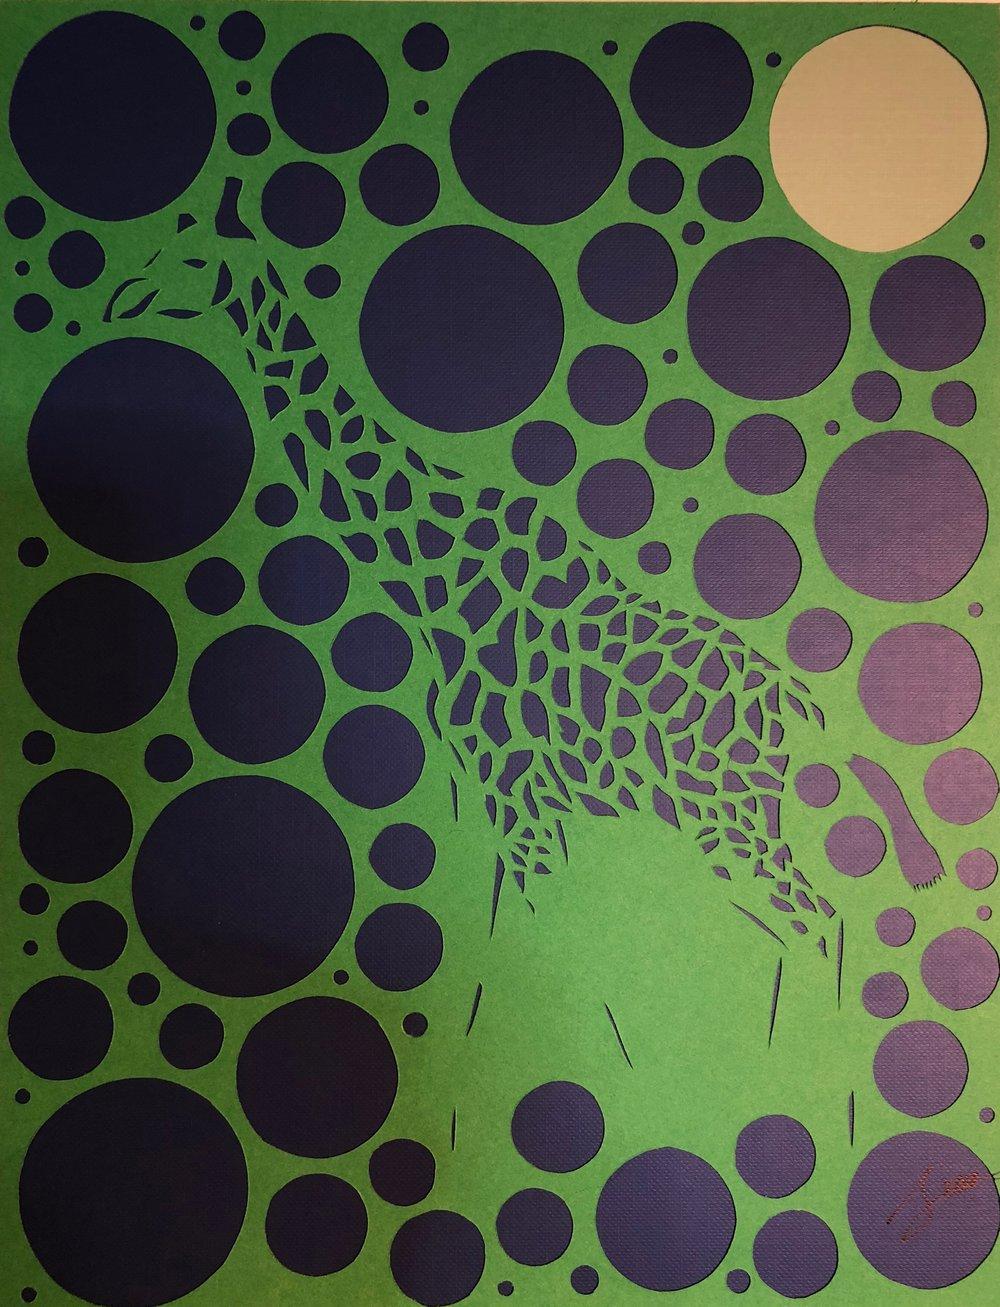 Giraffe in green